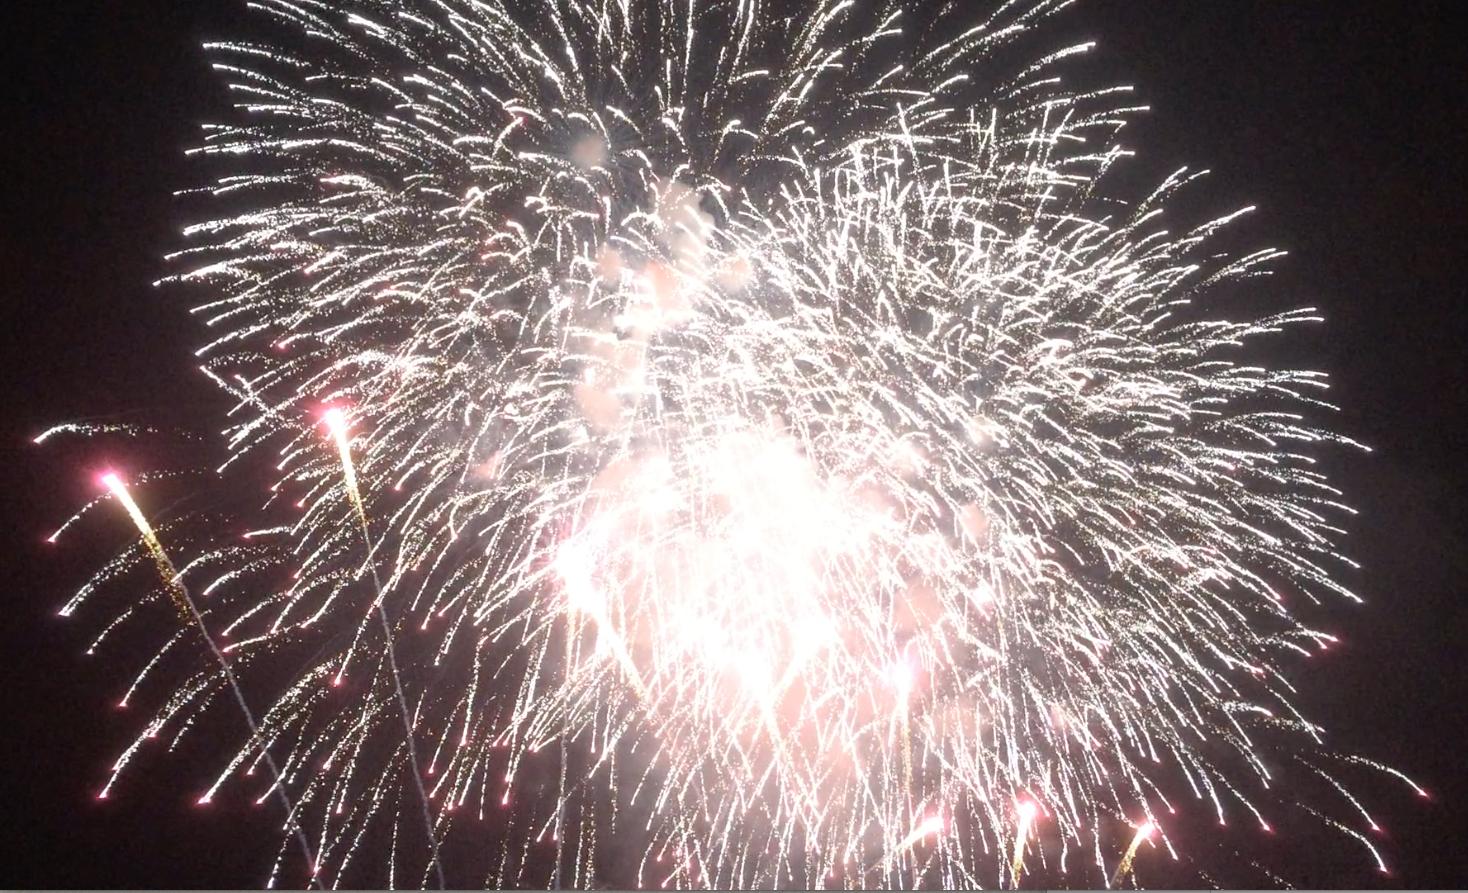 安倍川の花火大会2015、大スターマイン動画撮ってきた